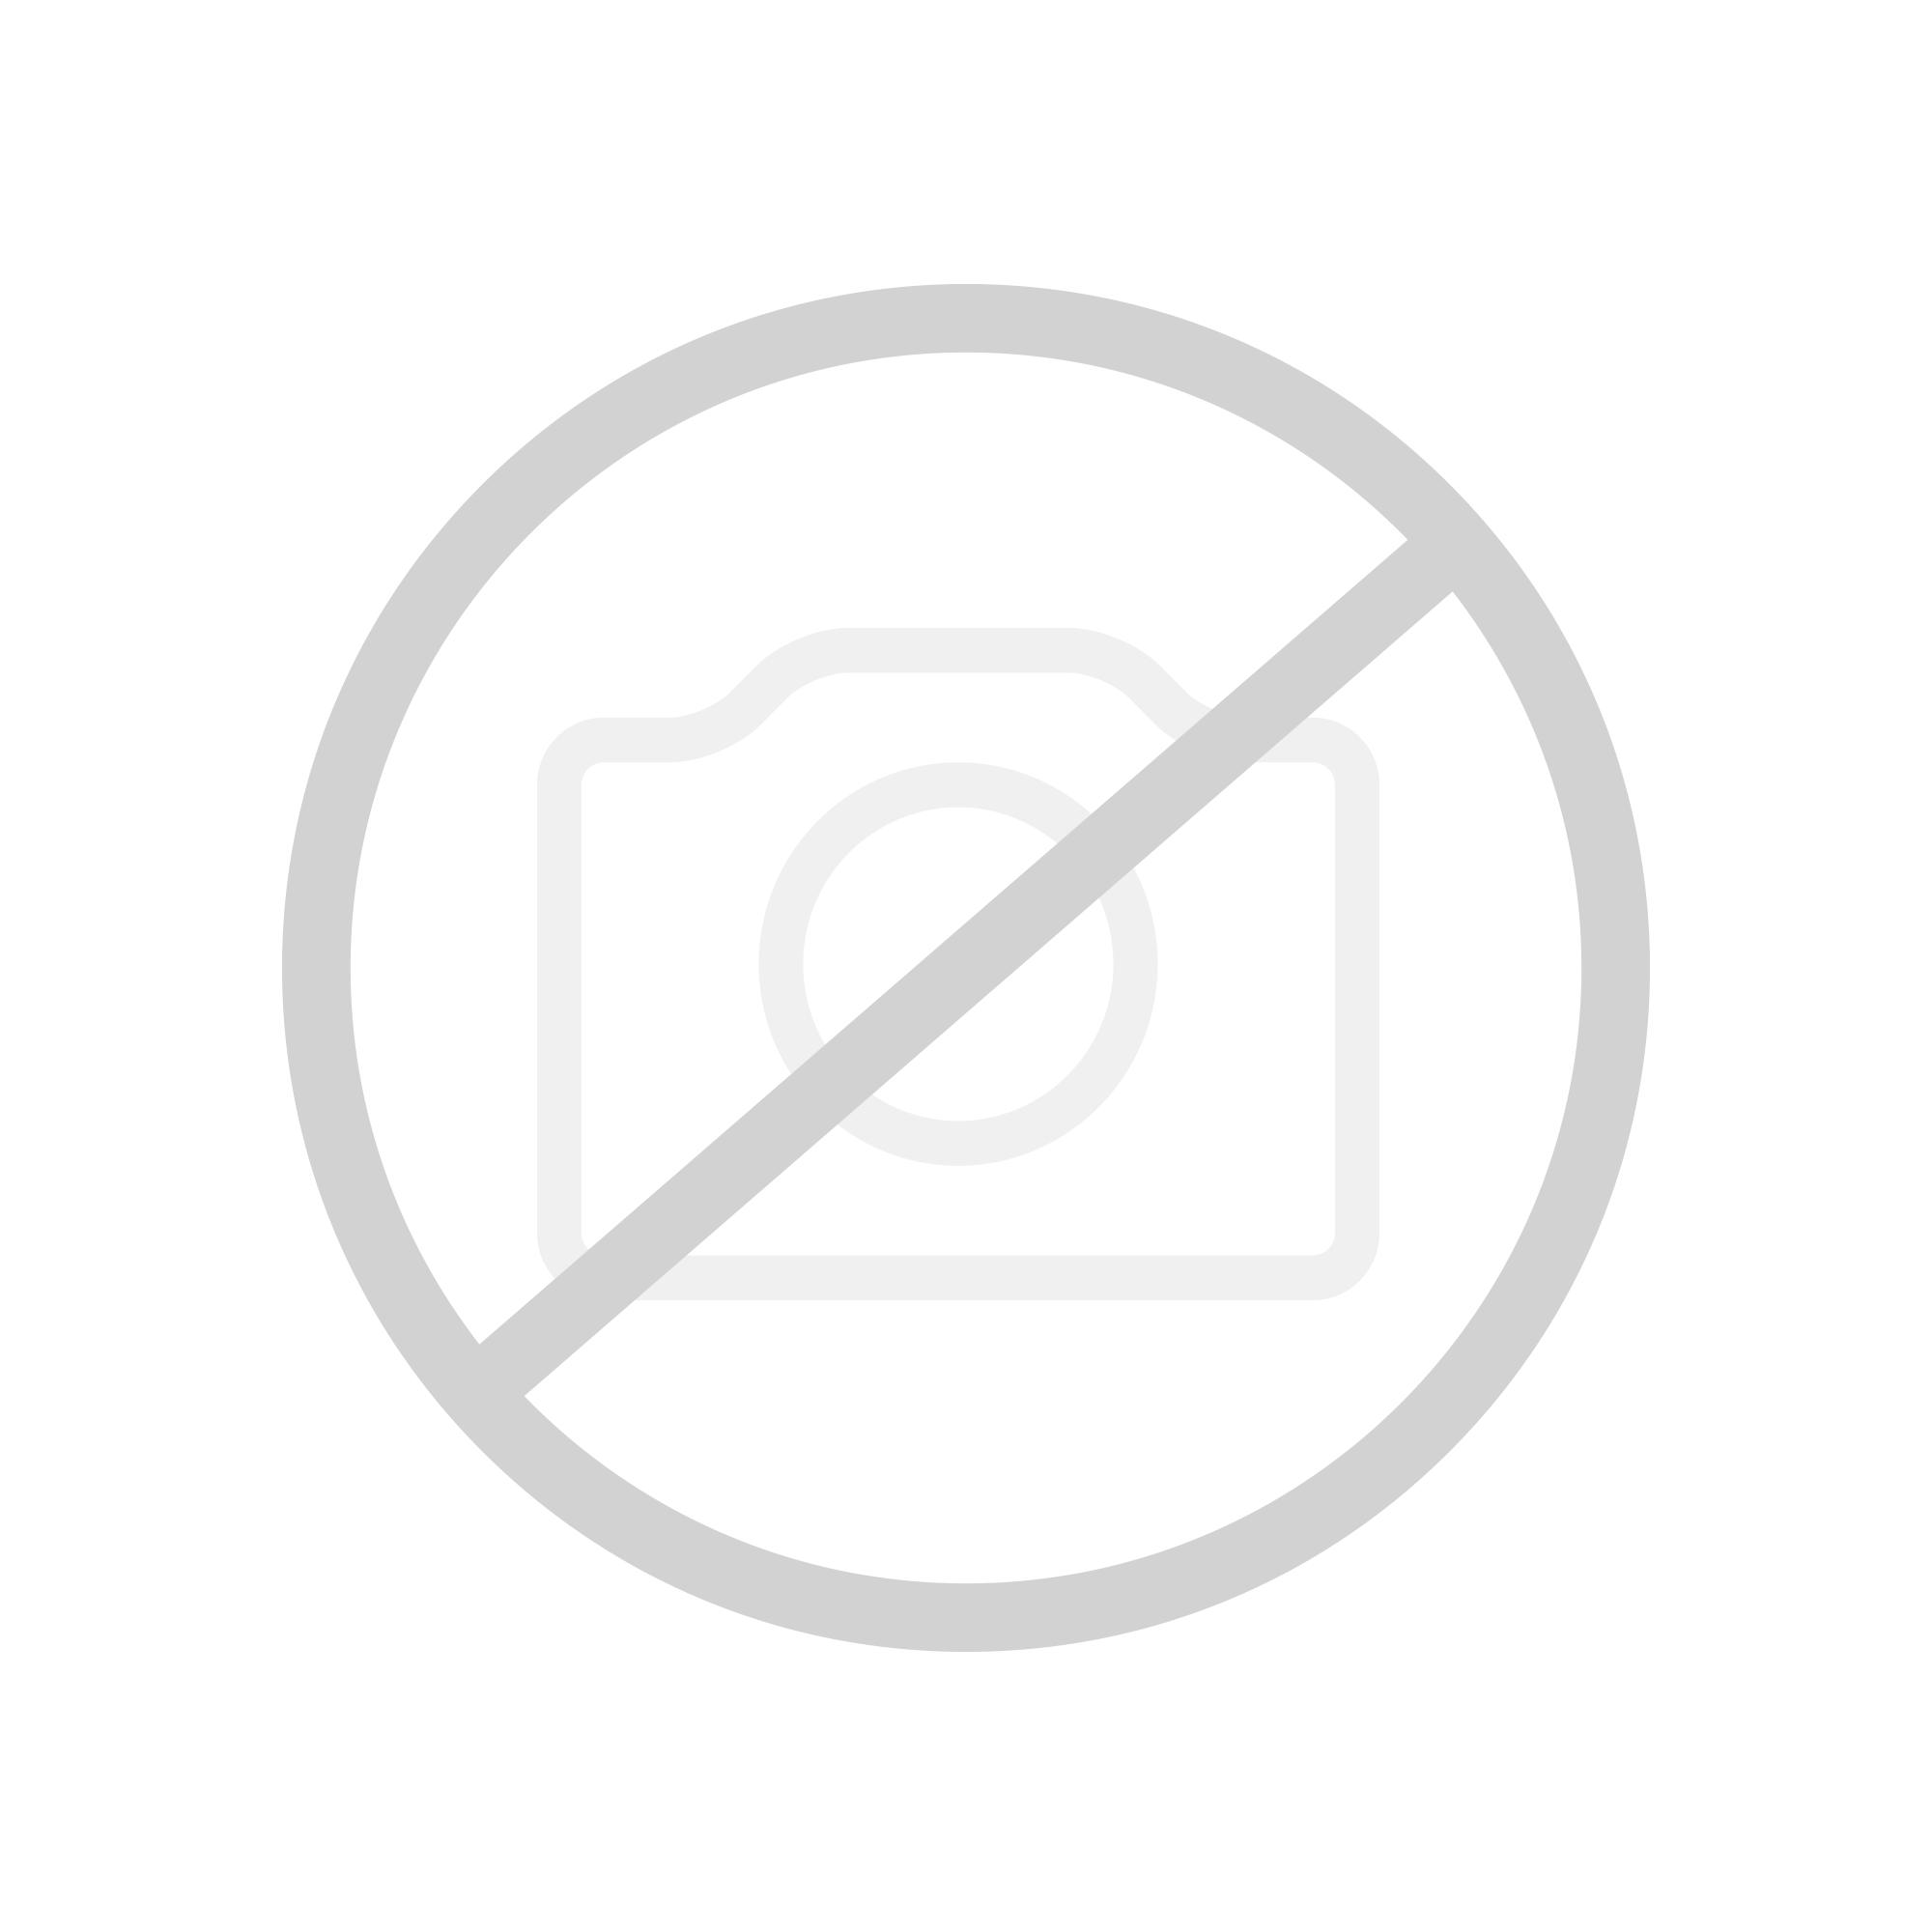 LCD 064 Deckenleuchte